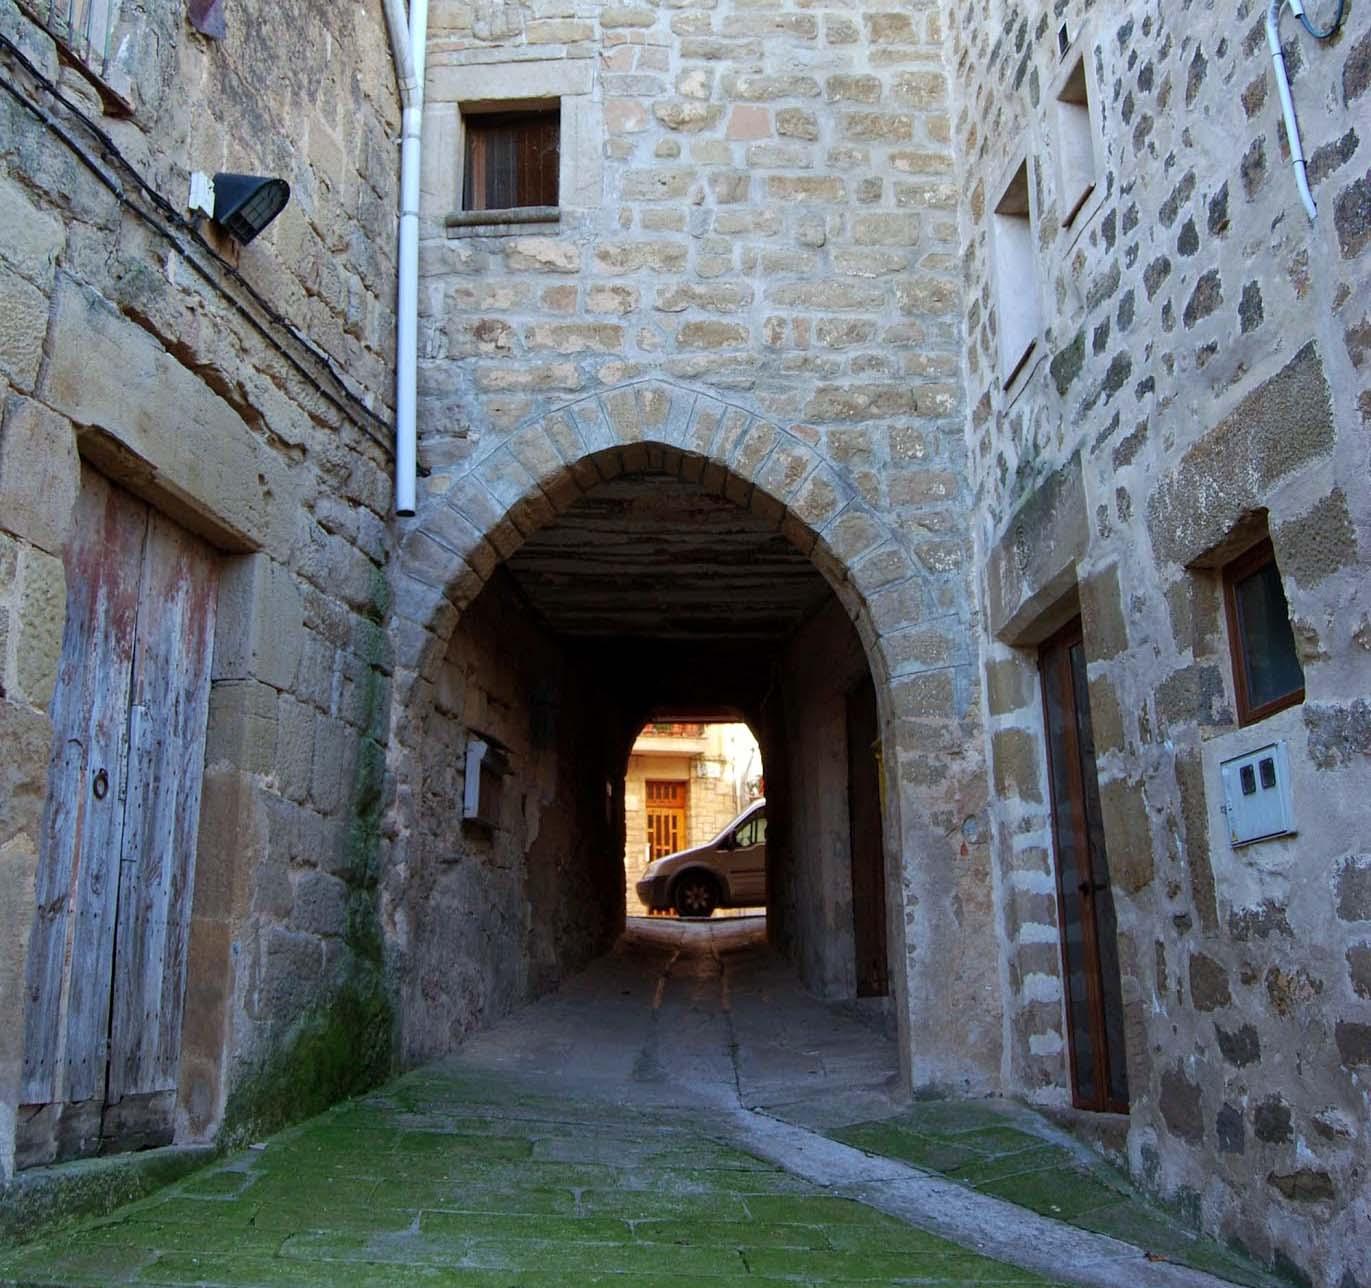 Walled town Palou